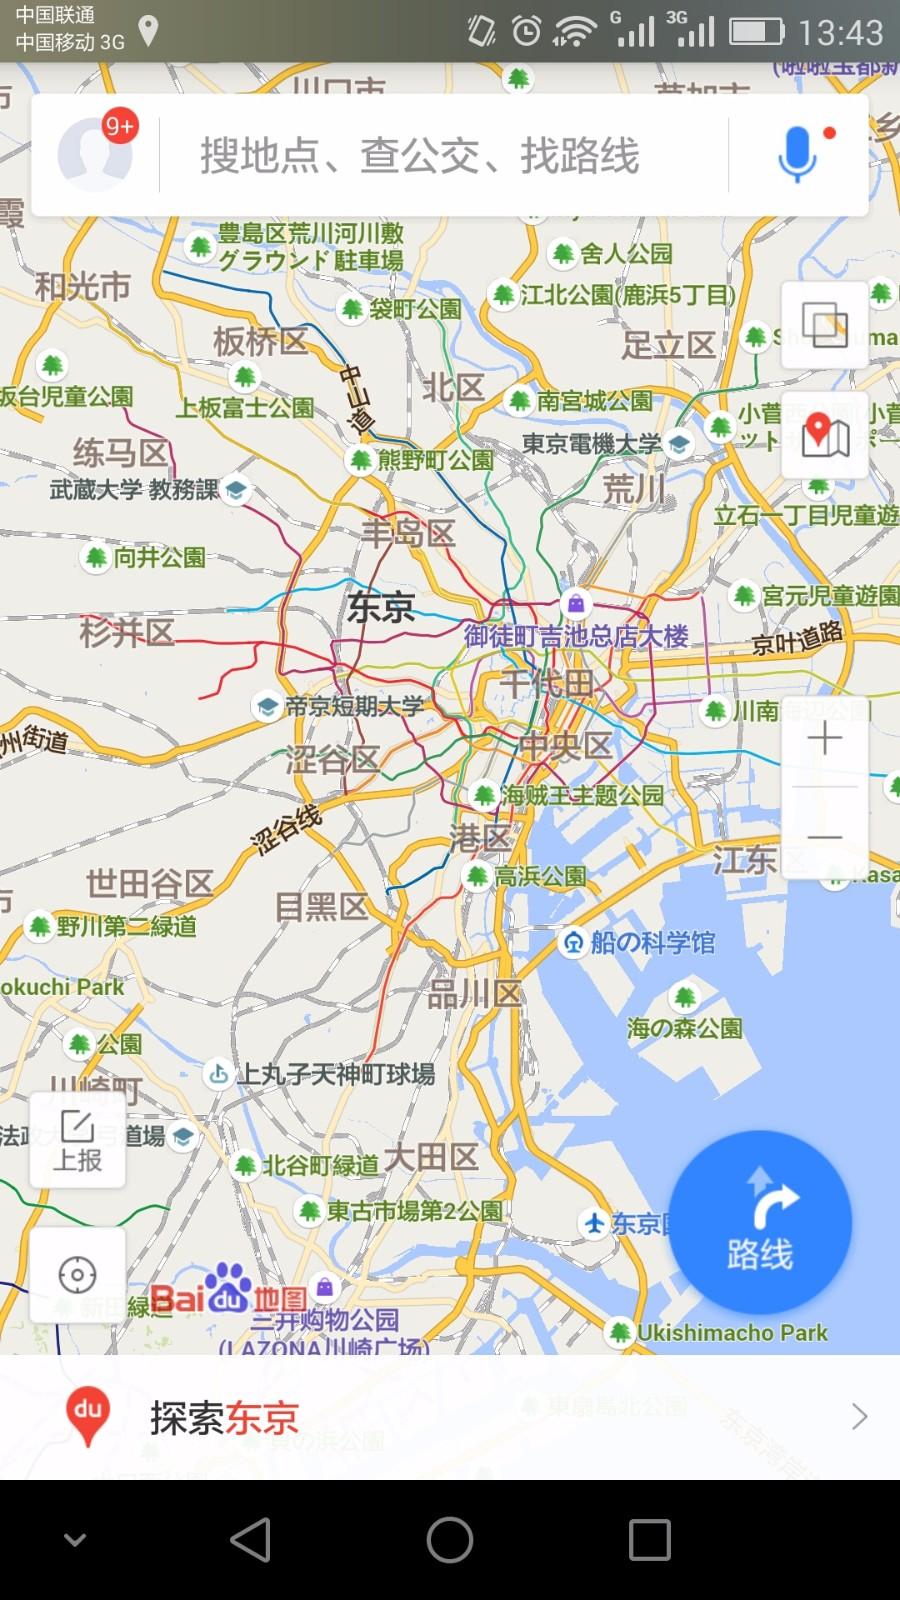 外国地图用什么软件